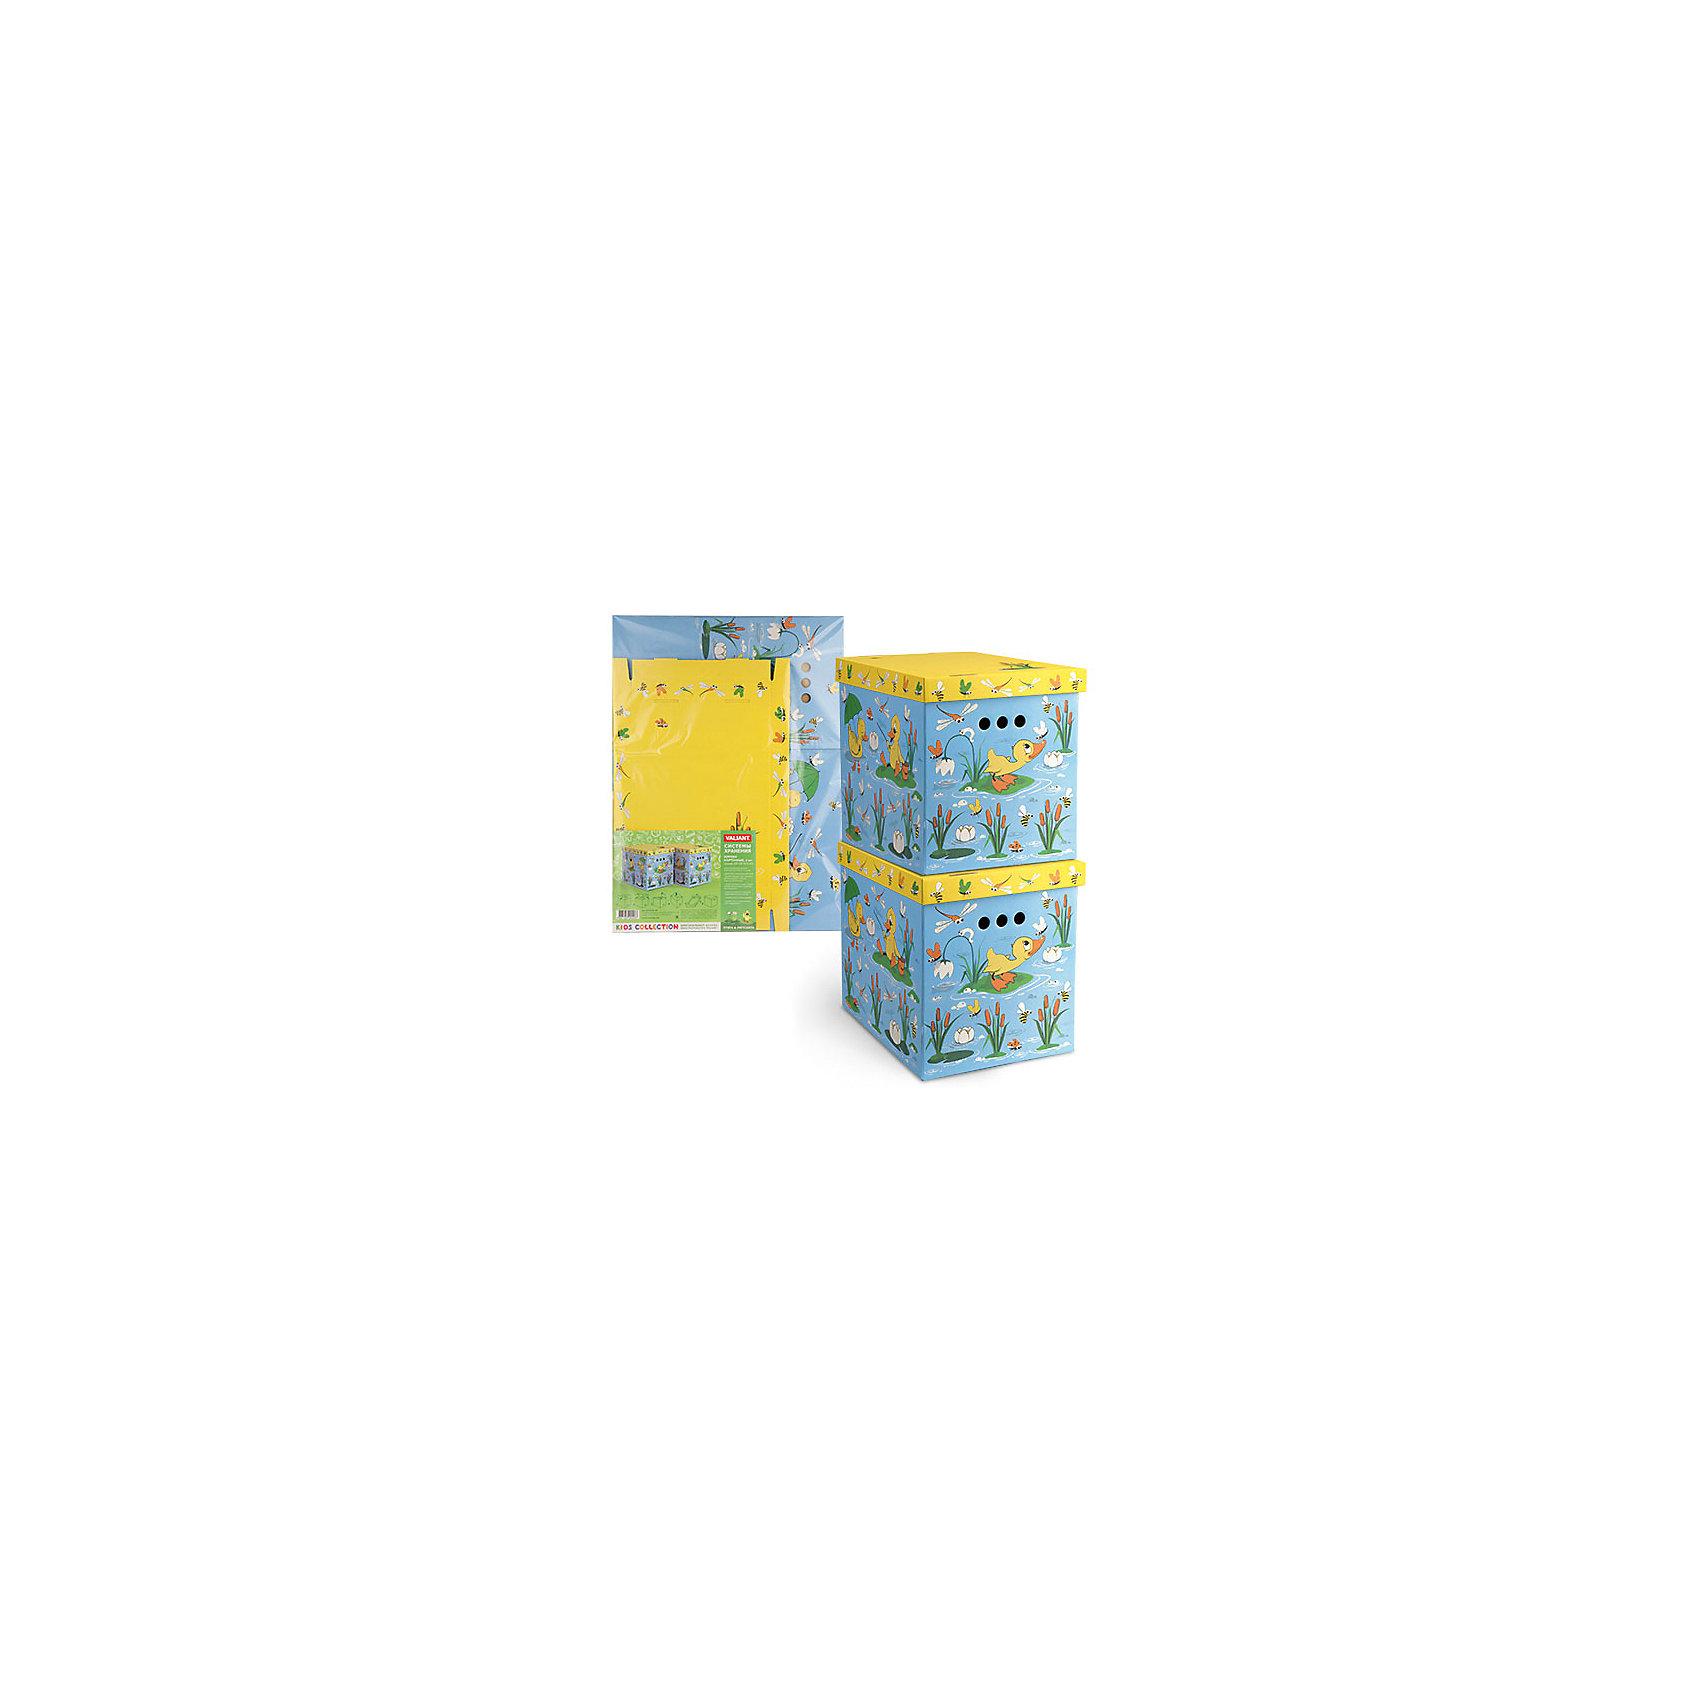 Короб картонный складной Утята-лягушата, 2 шт, большойПредметы интерьера<br>Короб картонный складной Утята-лягушата, 2 шт, большой – яркое и красивое решение проблемы хранения вещей. <br>В комплект входят две большие коробки с ярким дизайном. Идеально вписываются в детскую благодаря красочным рисункам. Сделаны из экологичного материала, поэтому полностью безопасны для детей. Прочная конструкция легко собирается. Подходят для хранения книг, игрушек, одежды, обуви и других вещей. С двух сторон есть ручки для удобного переноса коробок. Крышка сверху прячет вещи от пыли и грязи. <br><br>Дополнительная информация: <br><br>- 2 штуки<br>- размер: 28х38х31.5 см<br>- материал: гофрокартон<br><br>Короб картонный складной Утята-лягушата, 2 шт, большой можно купить в нашем интернет магазине.<br><br>Ширина мм: 280<br>Глубина мм: 380<br>Высота мм: 315<br>Вес г: 630<br>Возраст от месяцев: 36<br>Возраст до месяцев: 144<br>Пол: Унисекс<br>Возраст: Детский<br>SKU: 4923432